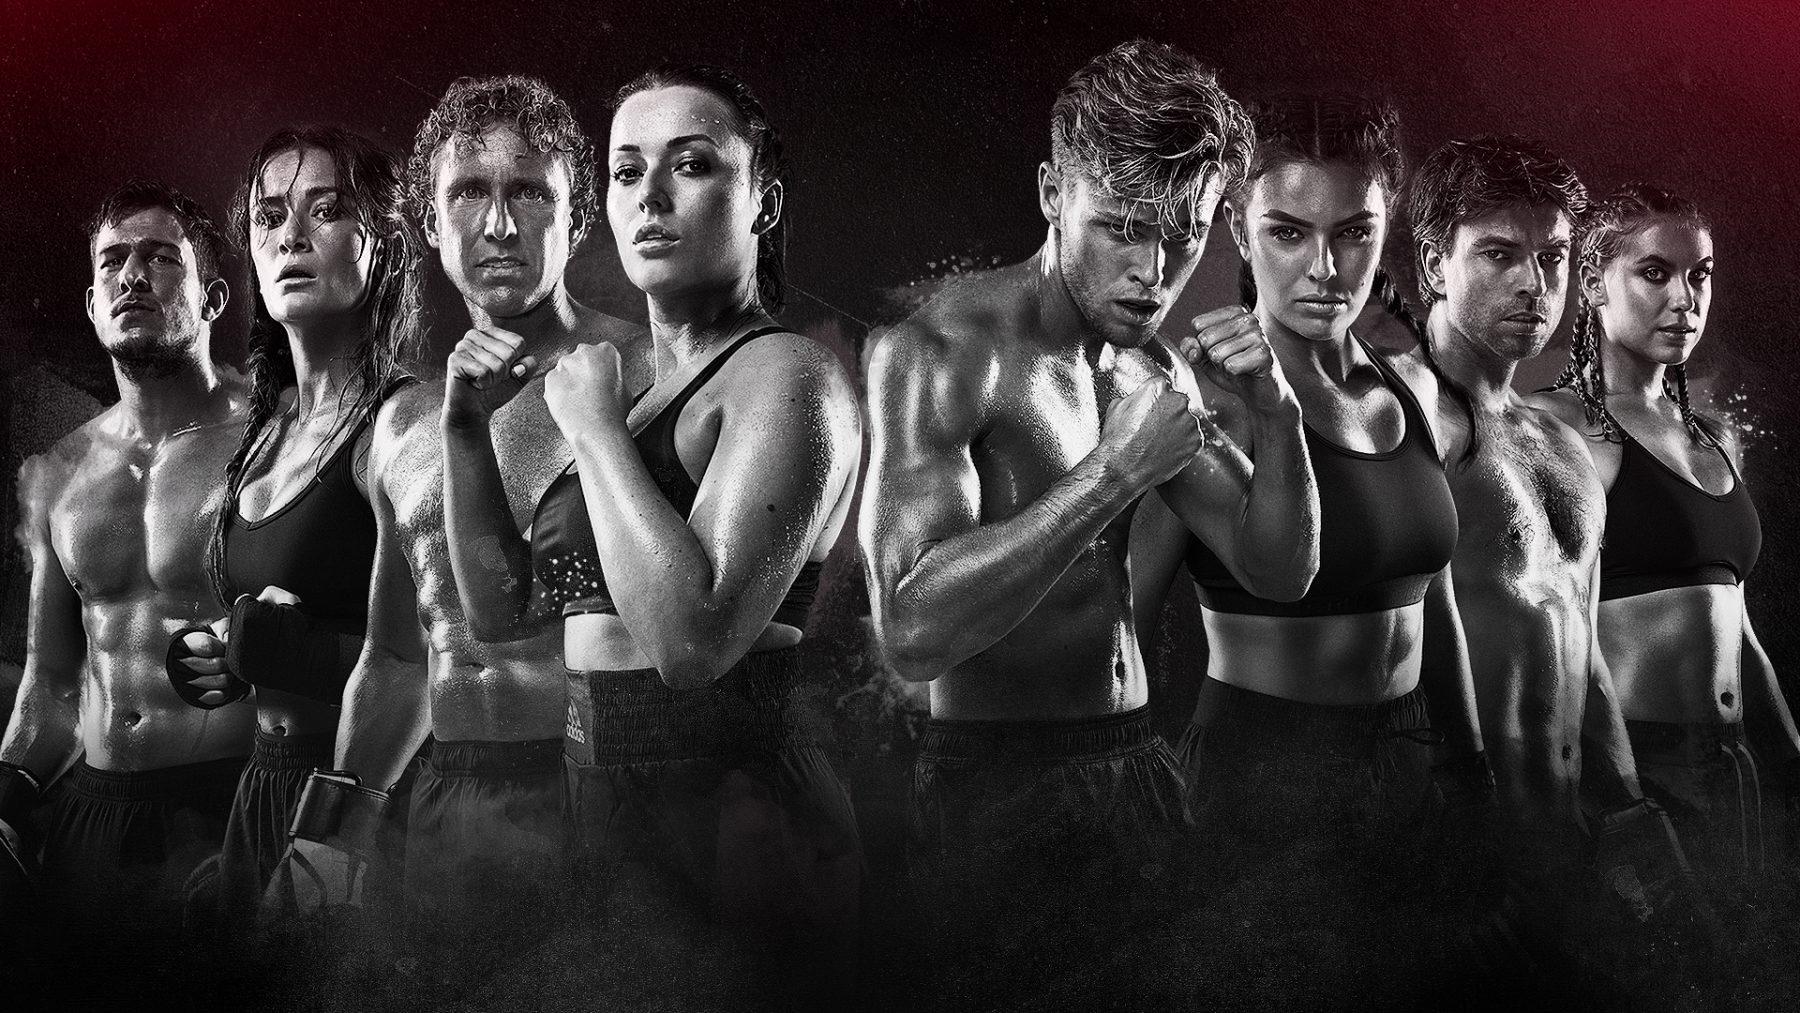 Waarom de bokswereld vóór uitzending al kritiek heeft op tv-programma 'Boxing Stars'